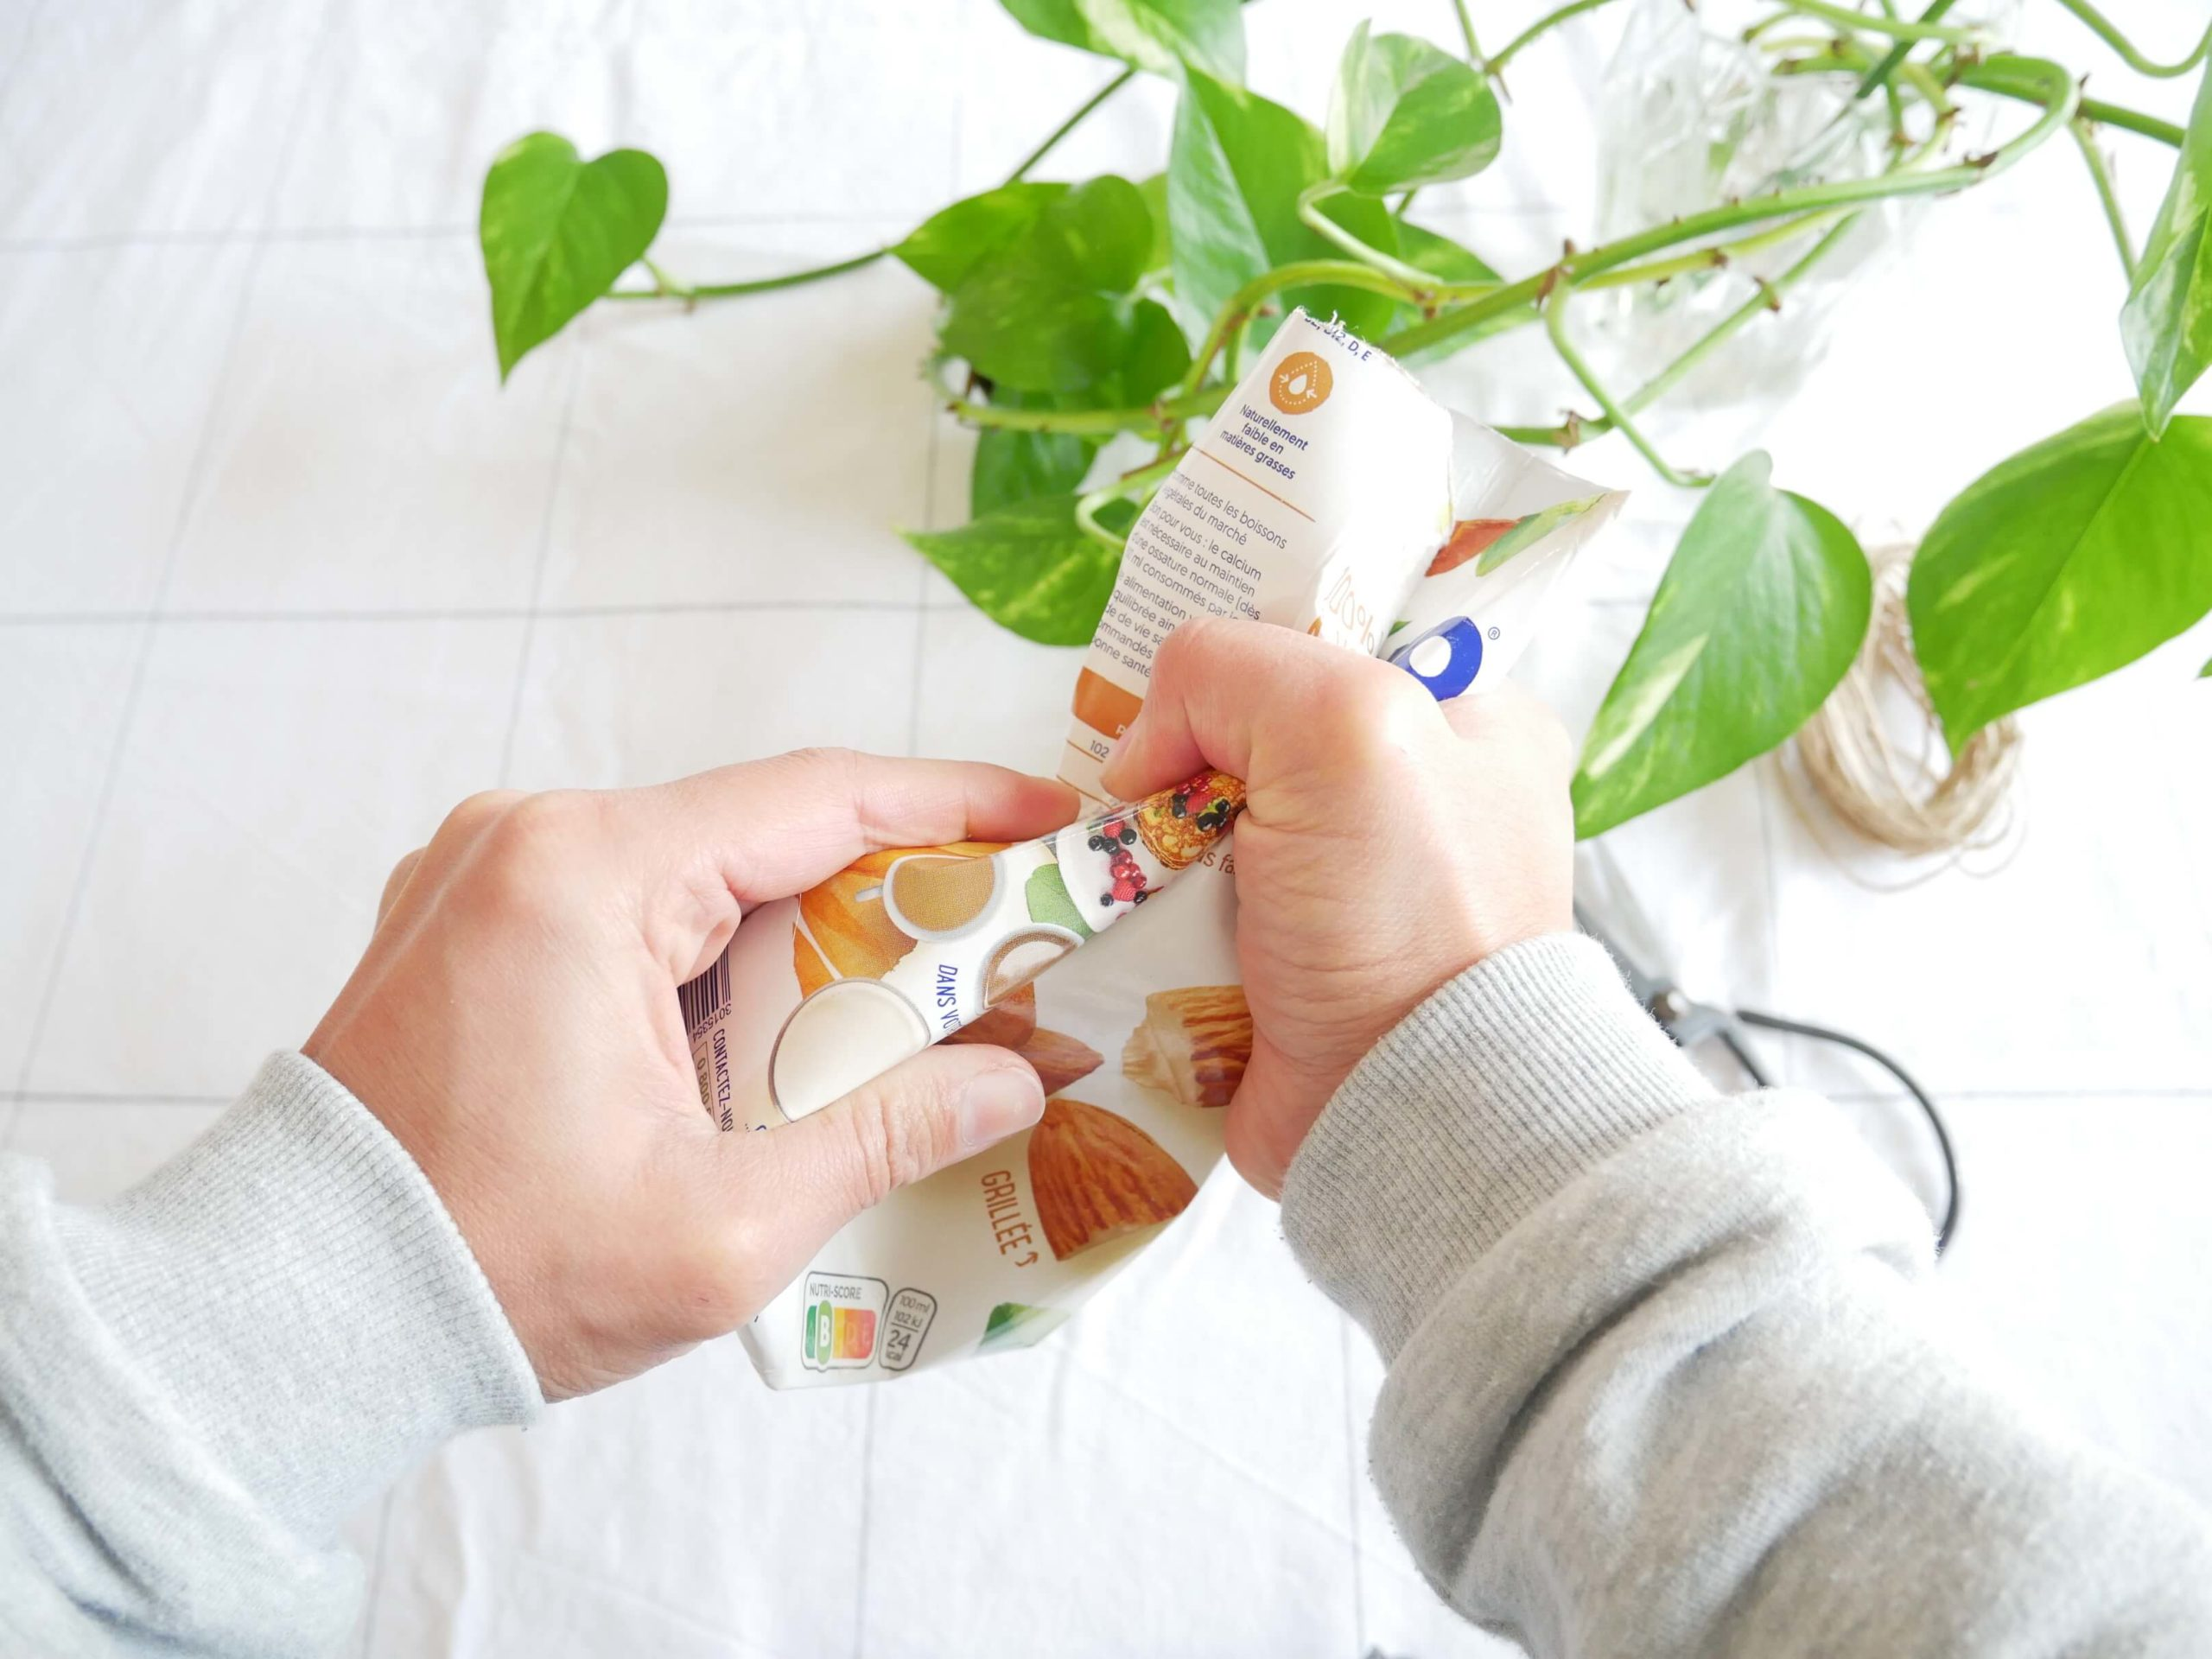 tutoriel-recyclage-principe2-lesateliersdangelique-auboulotcocotte